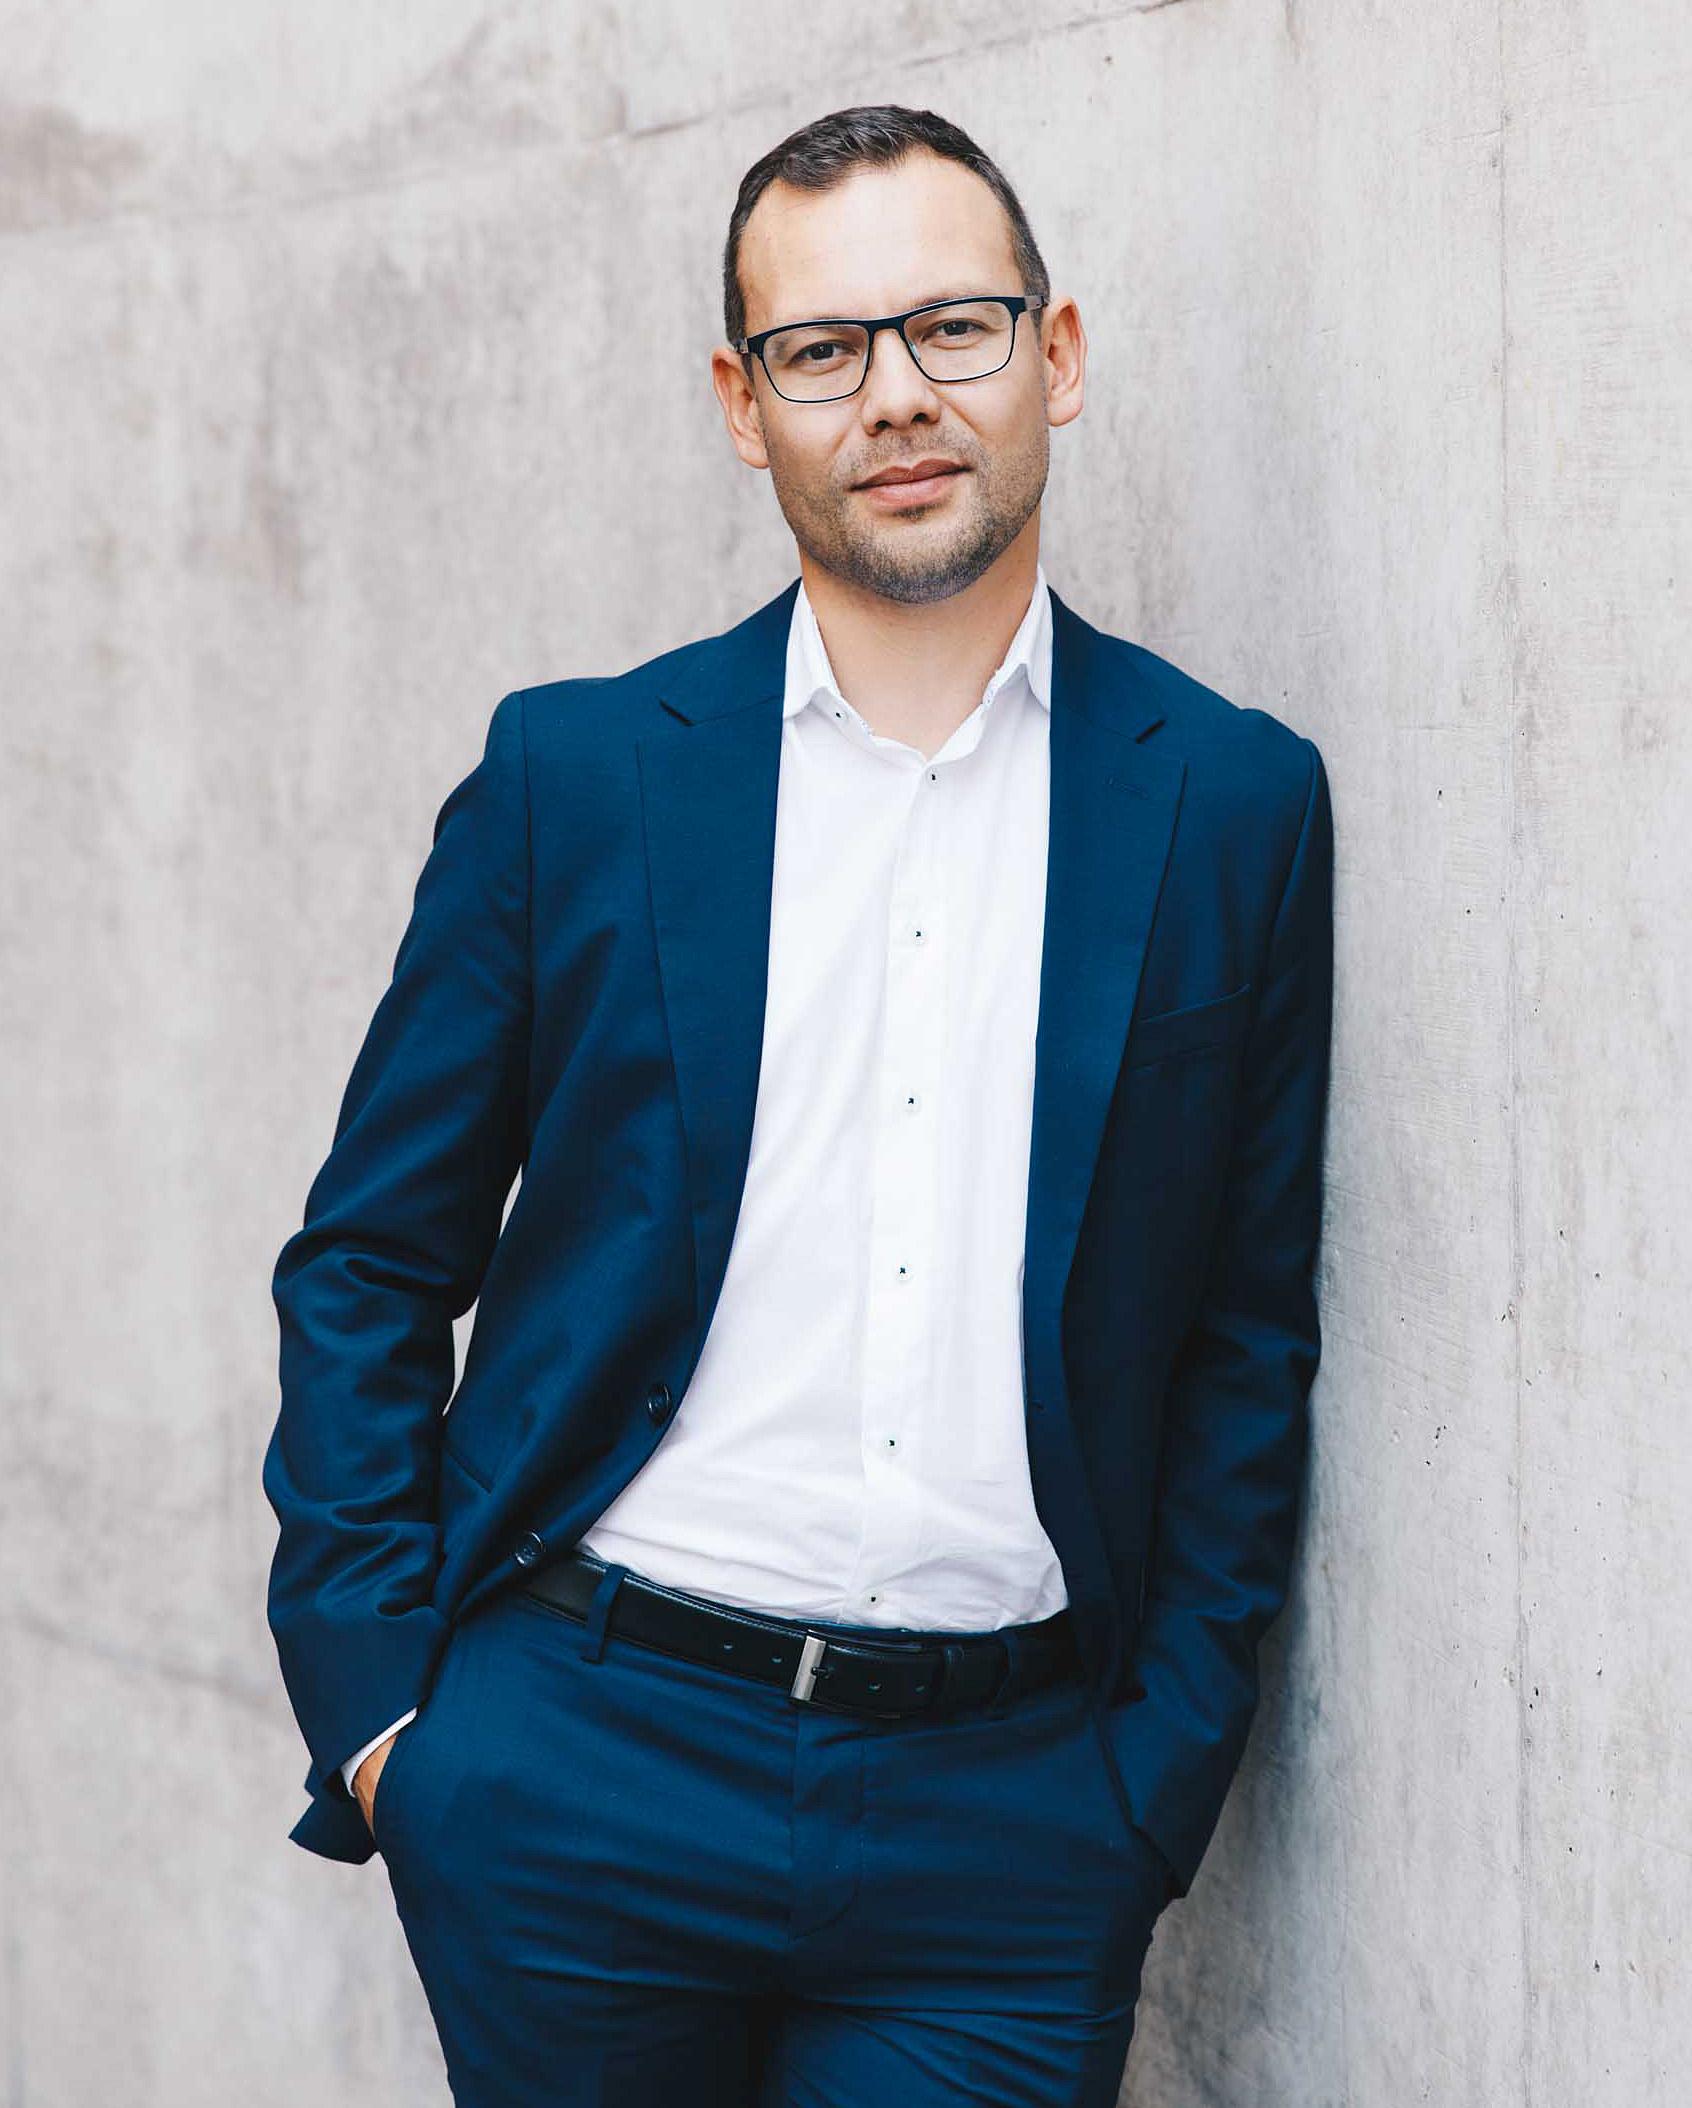 Porträtaufnahme von Martin Heistermann